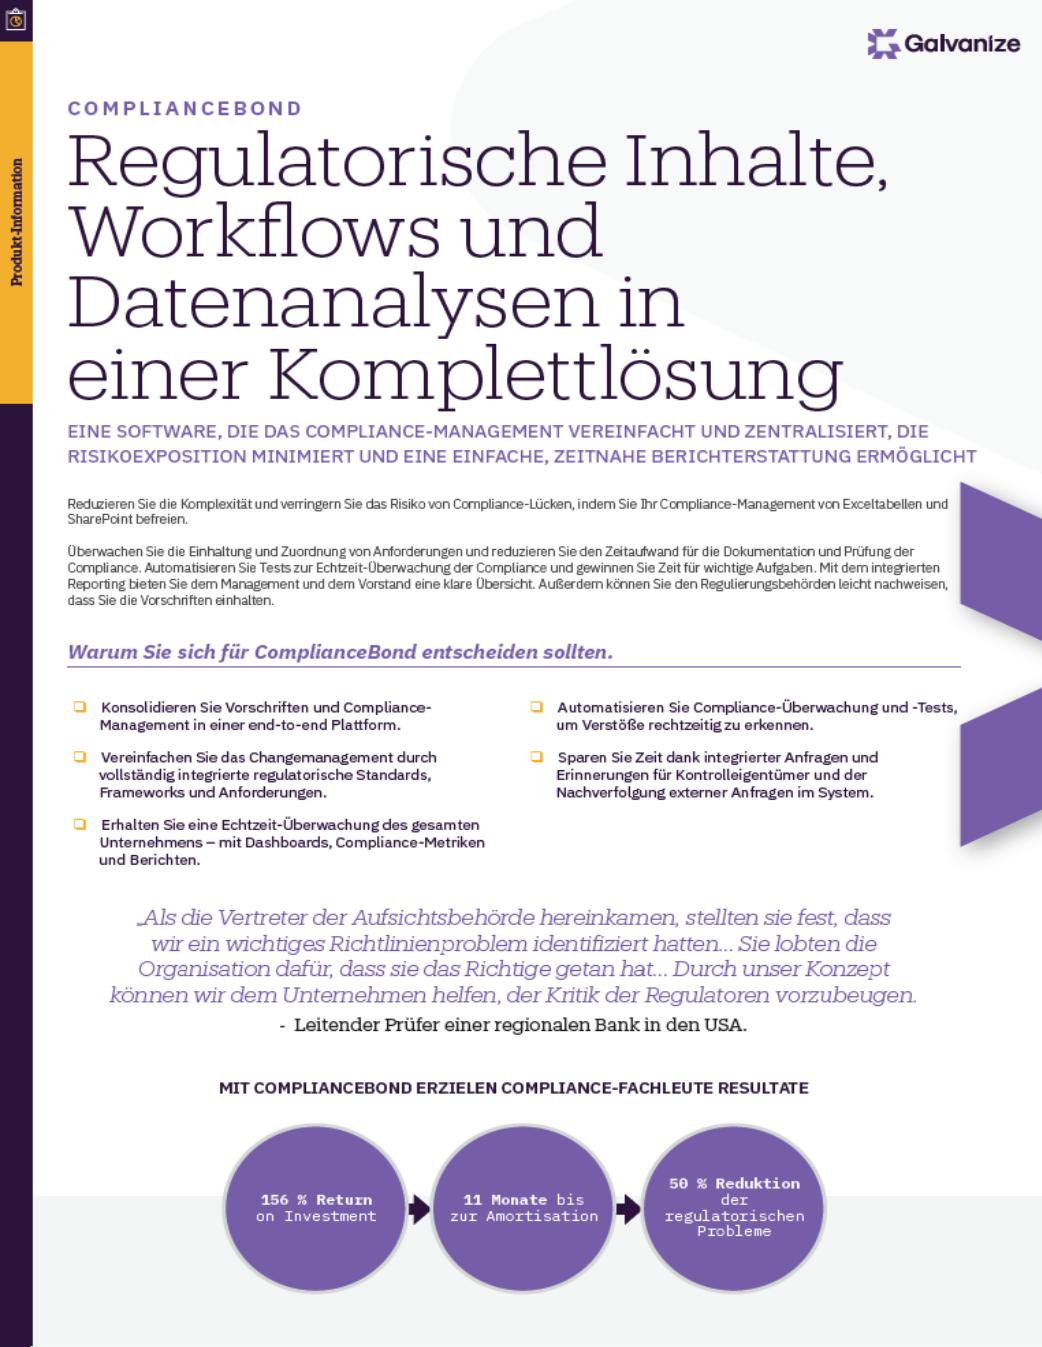 Regulatorische Inhalte, Workflows und Datenanalysen in einer Komplettlösung